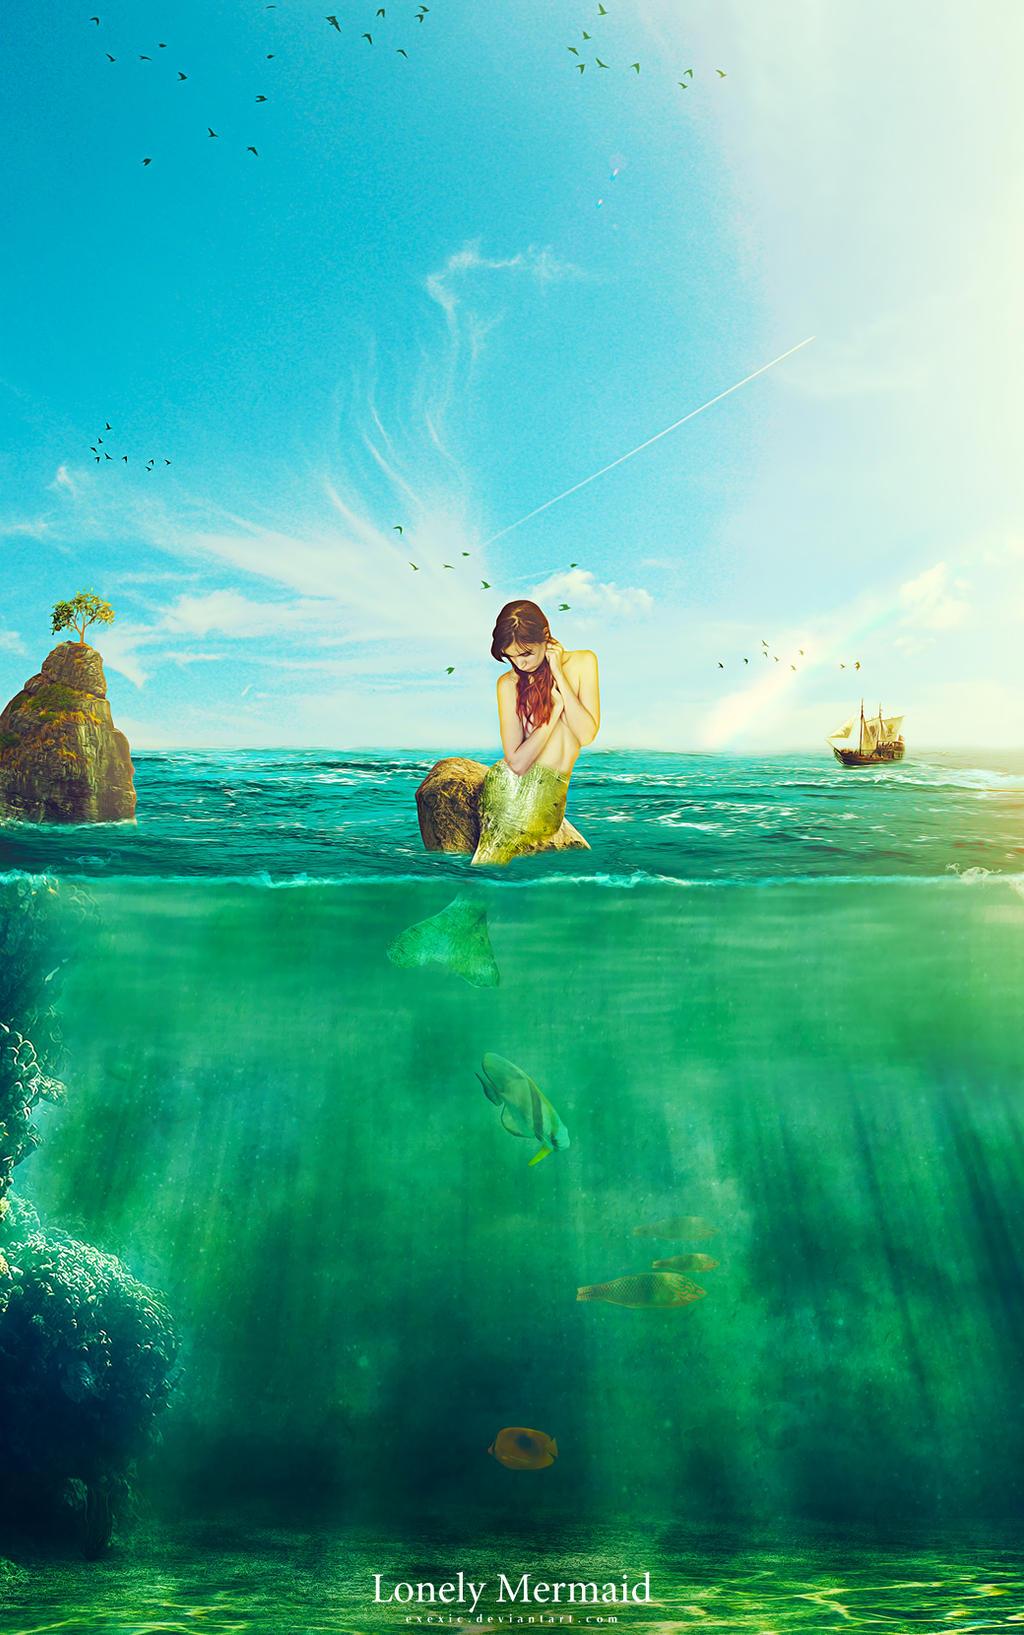 Lonely Mermaid